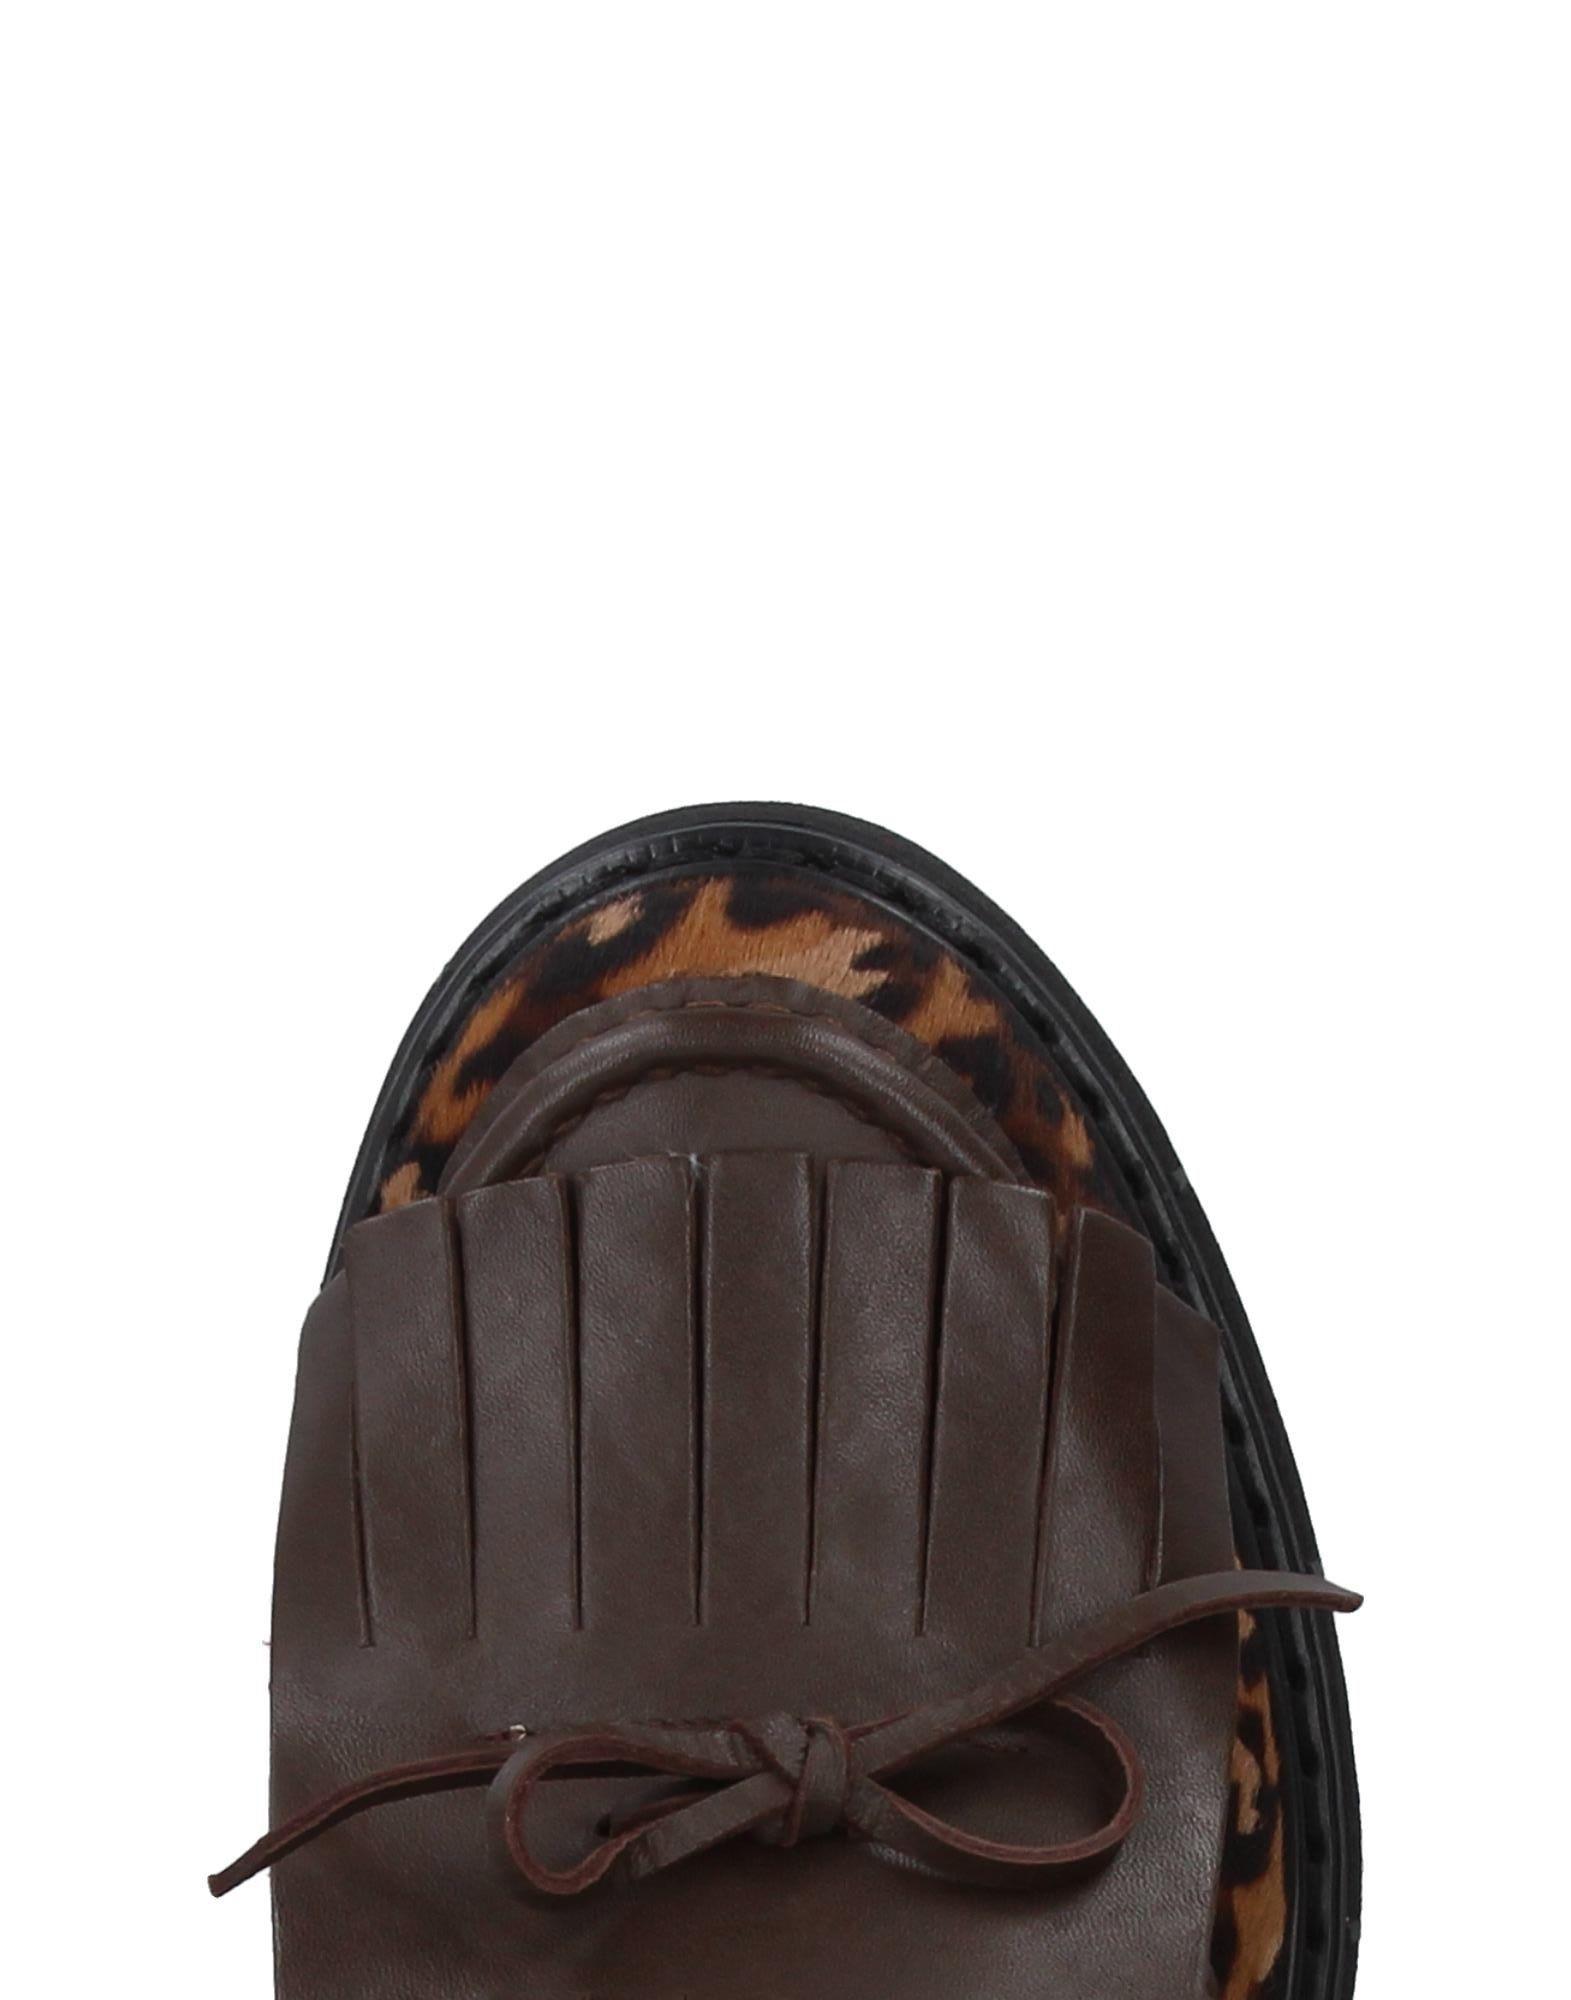 Gut tragenL' um billige Schuhe zu tragenL' Gut Autre Chose Mokassins Damen  11256557MU fd2bd8